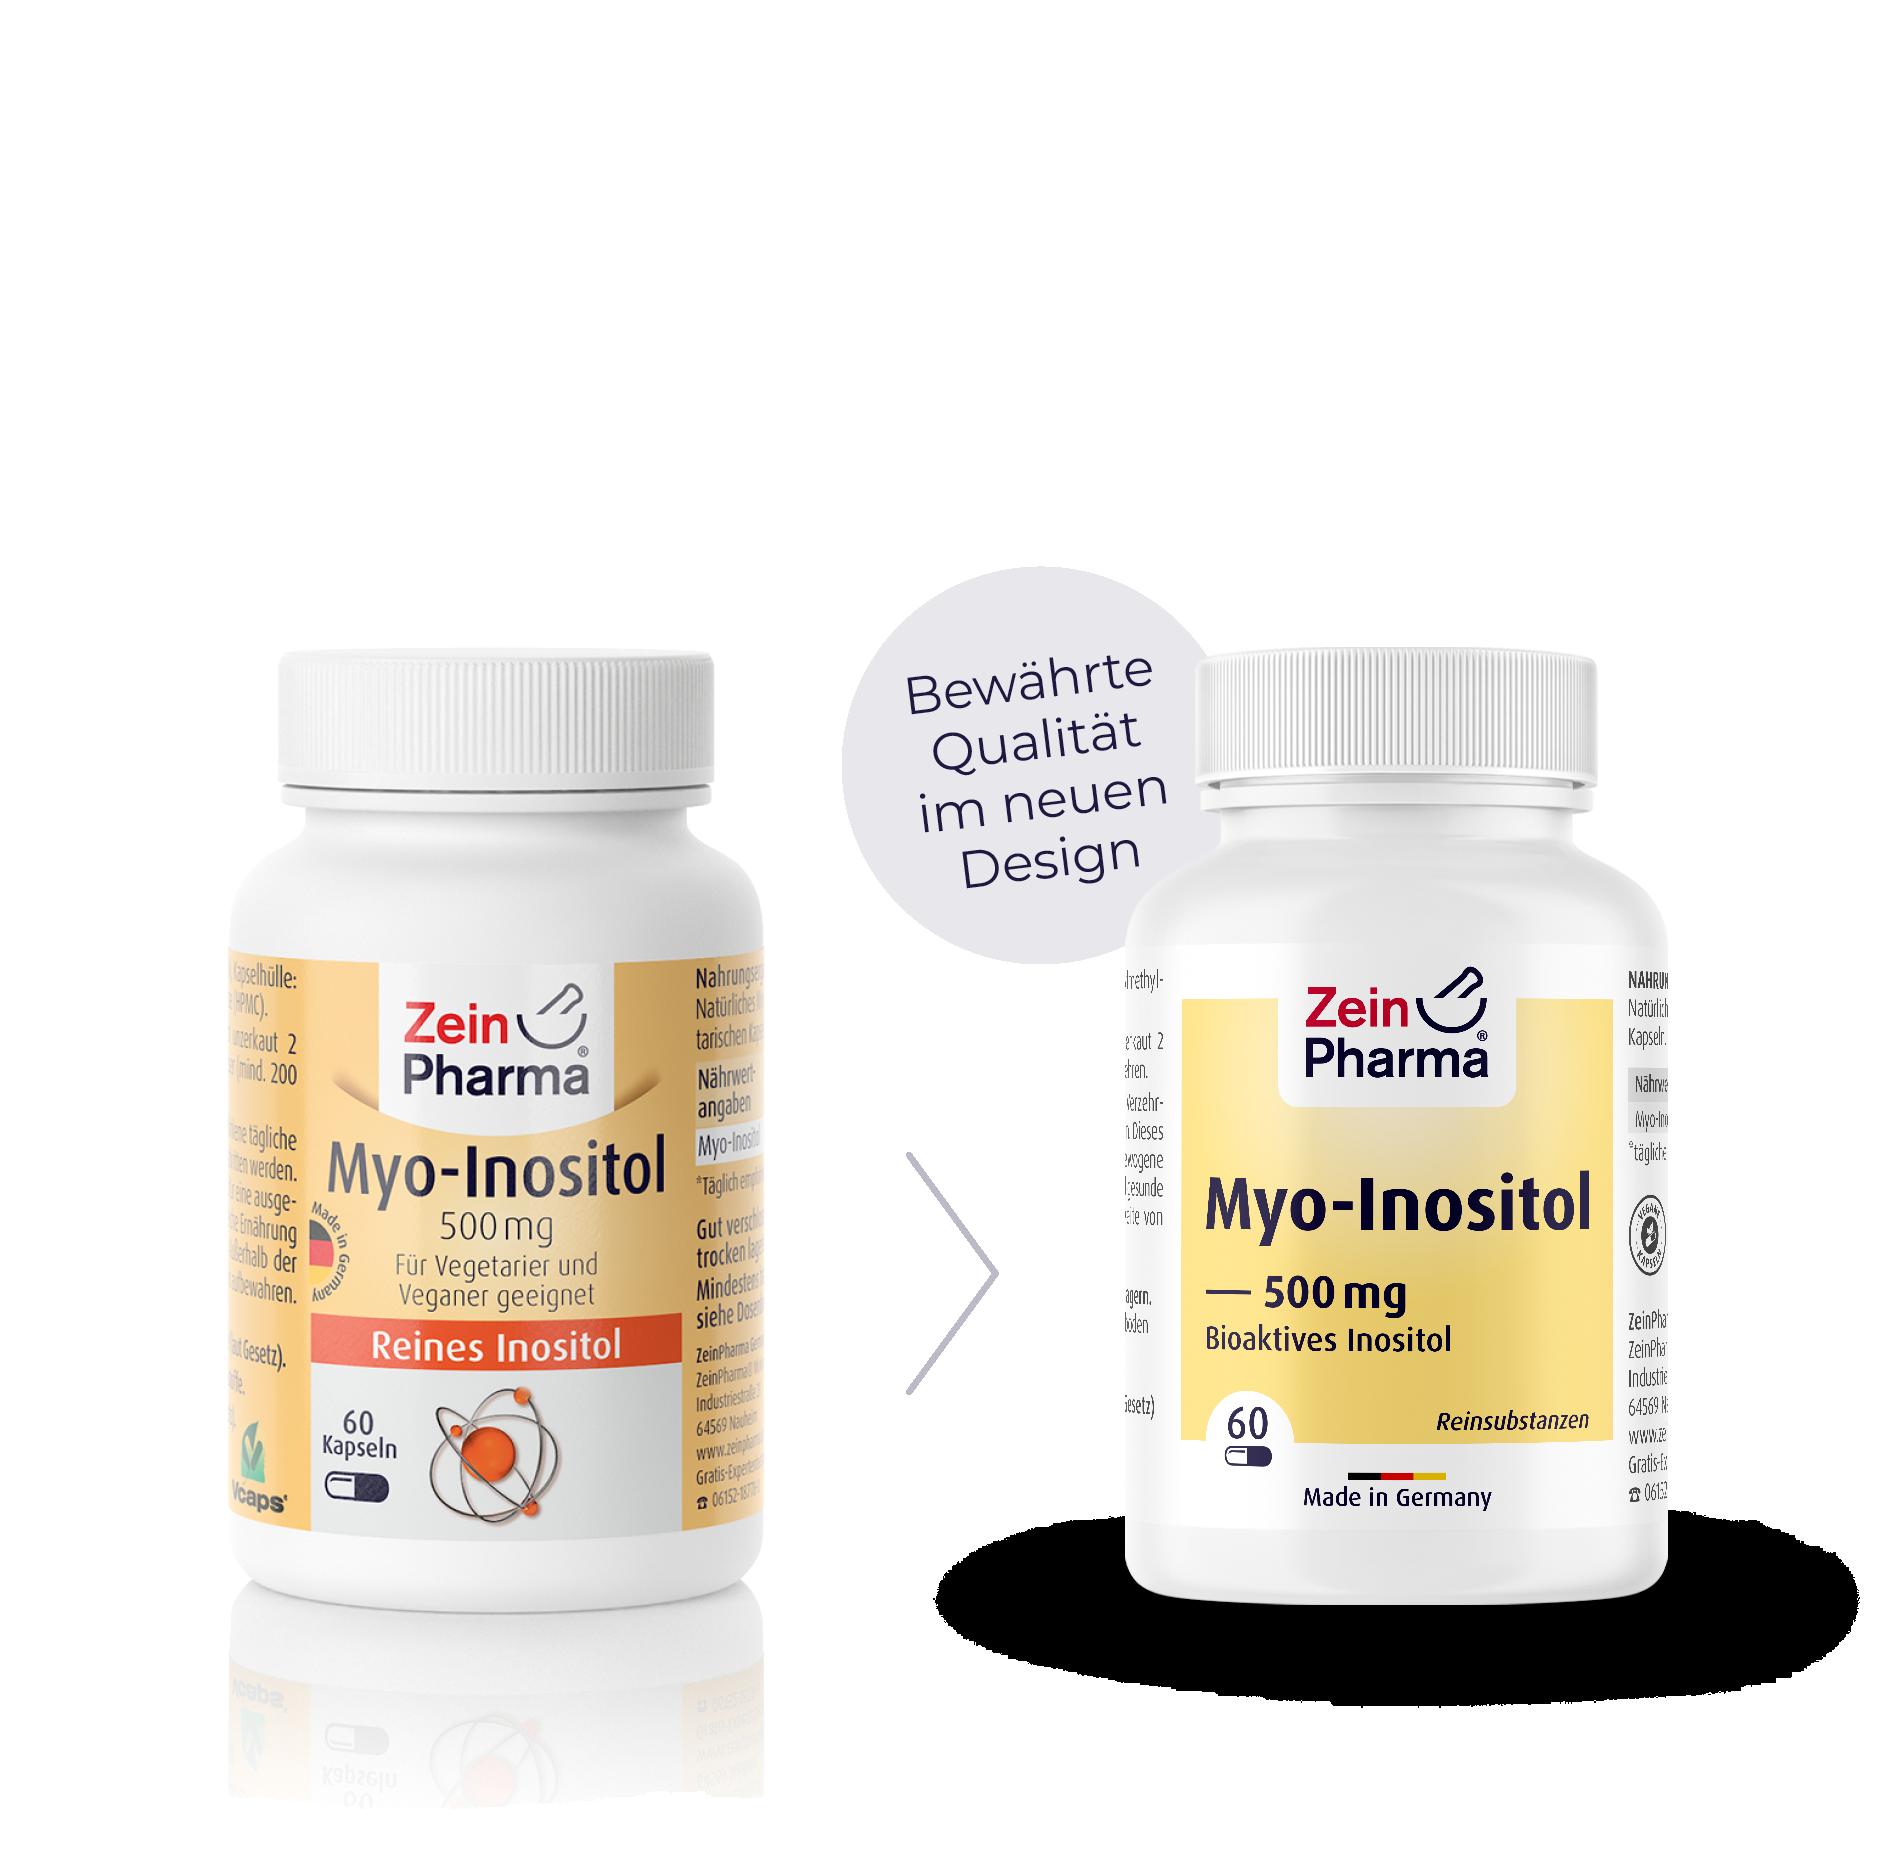 Myo-Inositol Kapseln